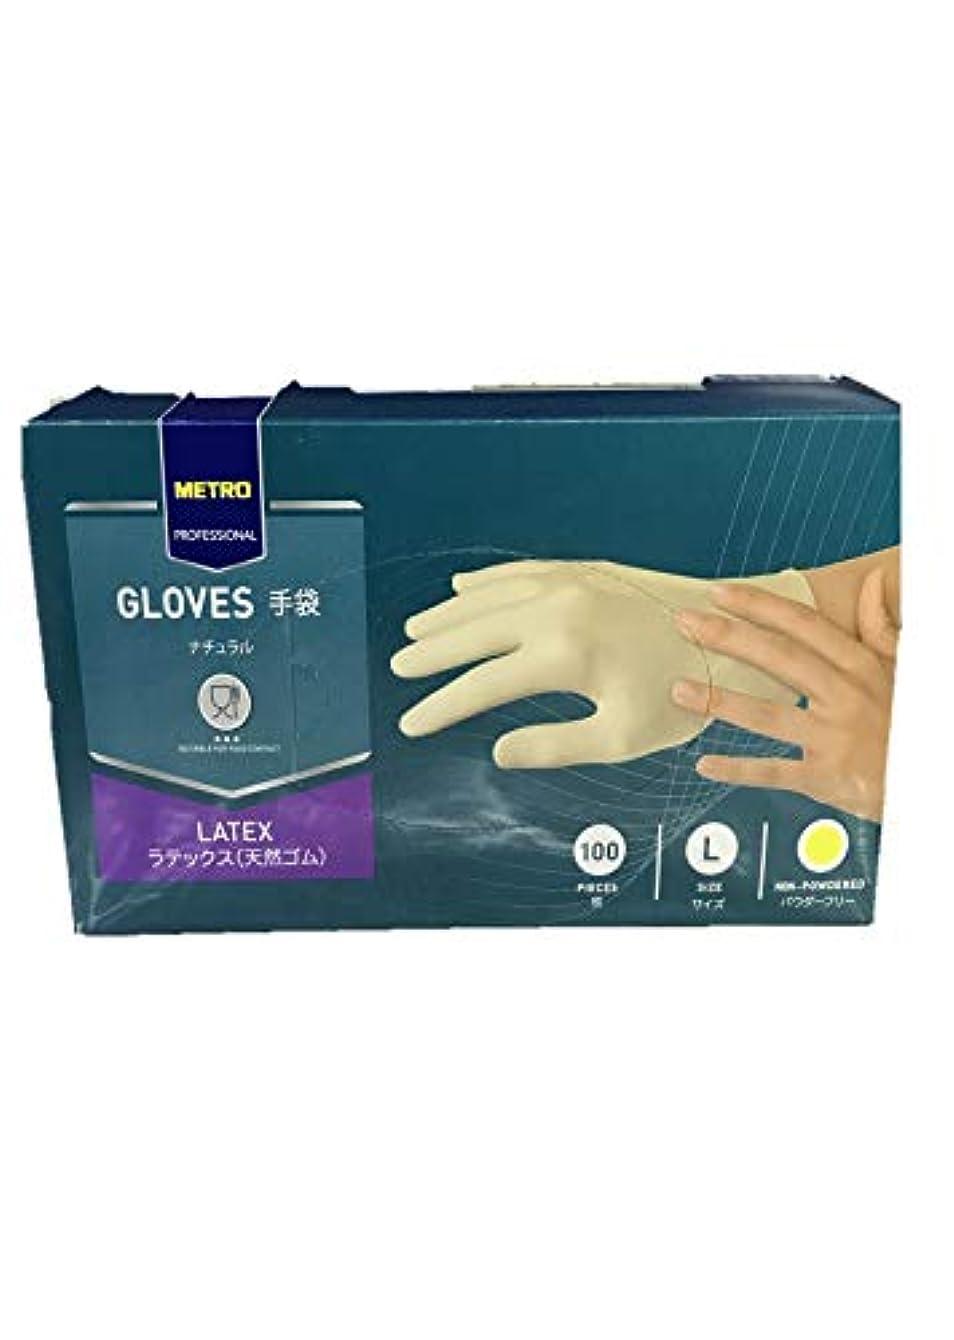 溶接動コンプライアンスMETRO PROFESSIONAL(メトロプロフェッショナル) ラテックス手袋 L 100枚入り